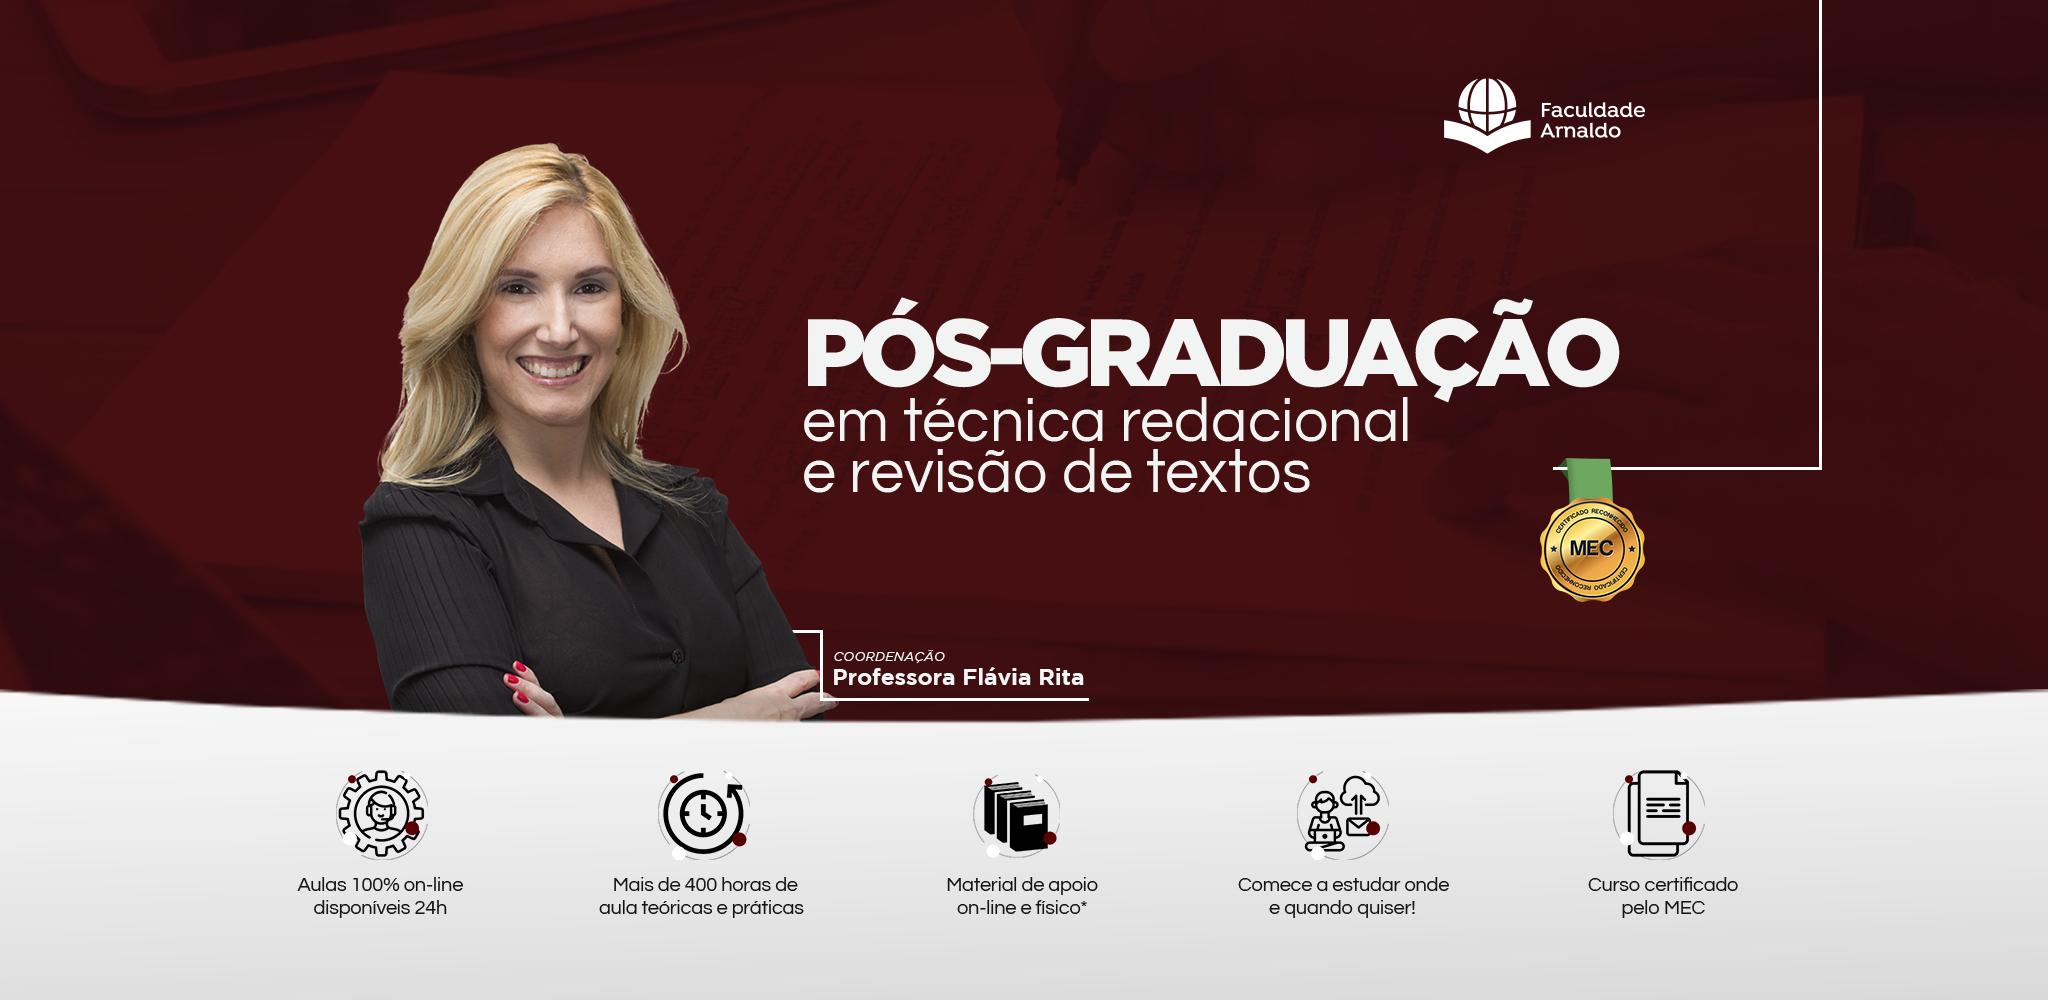 Banner-Principal-do-Site-Pós-Graduacao_Flávia_Rita_Coutinho_Sarmento-Faculdade-Arnaldo